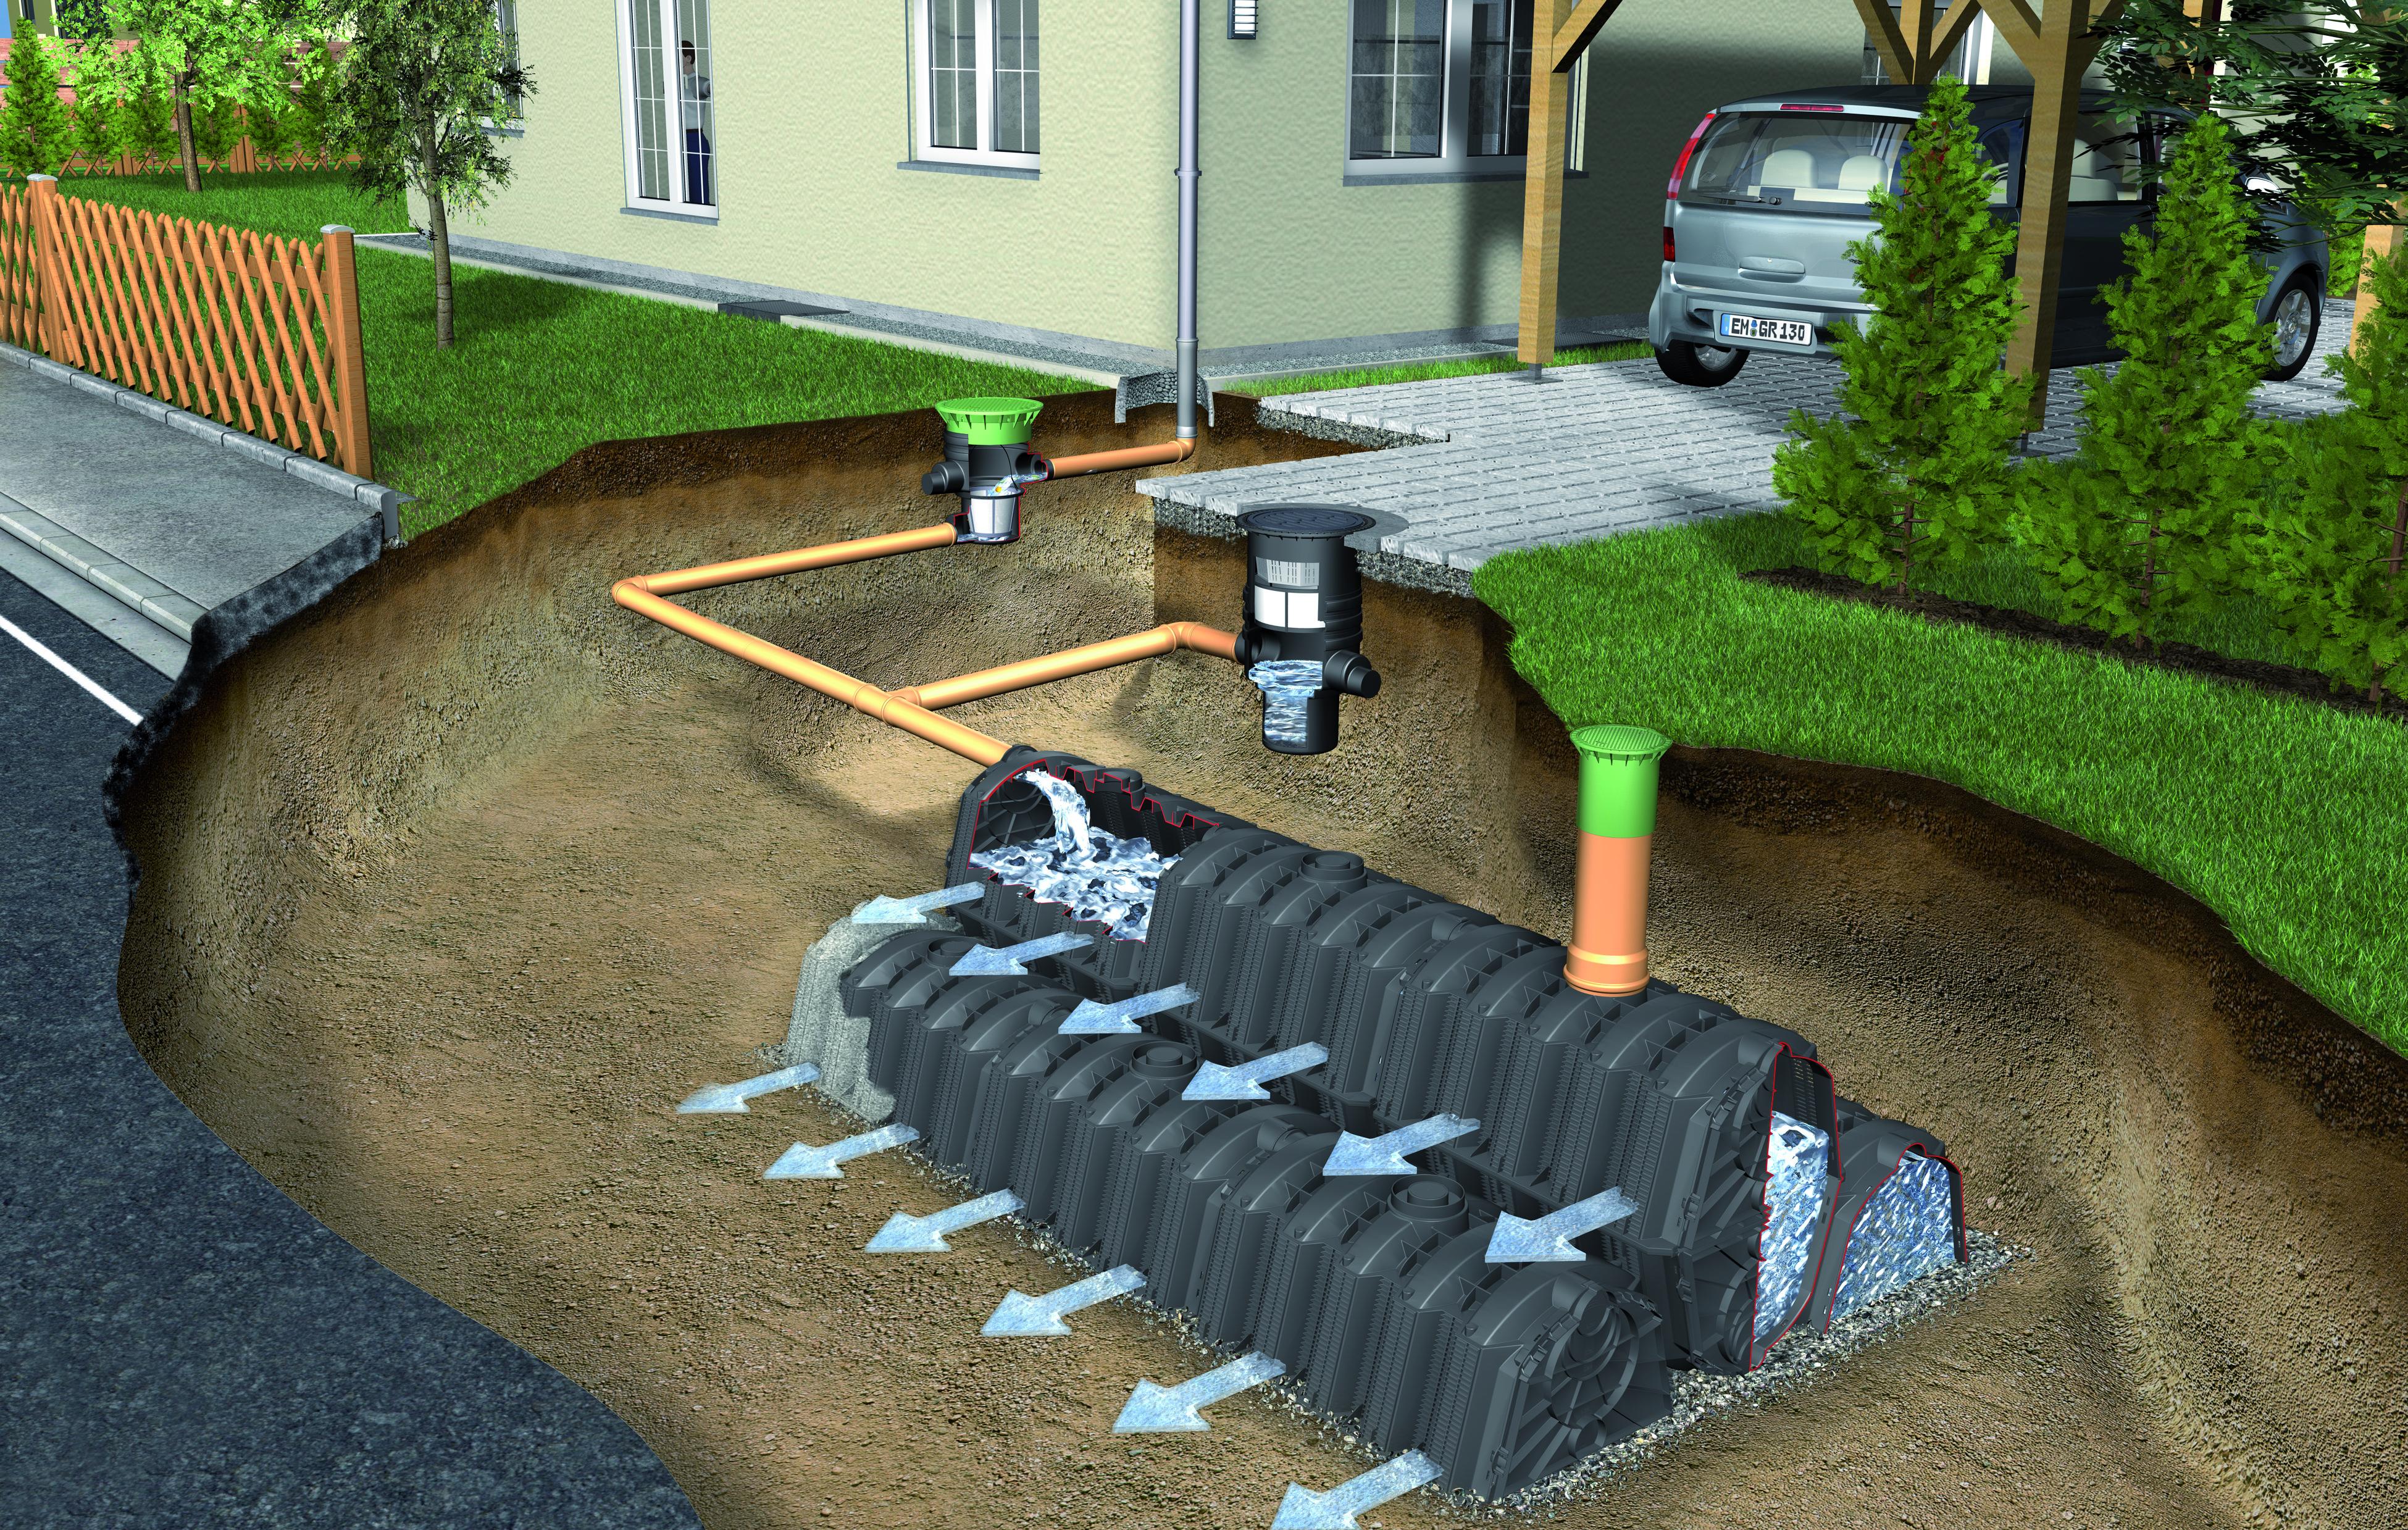 regenwasser versickerung sicker tunnel twin pkw 600l. Black Bedroom Furniture Sets. Home Design Ideas